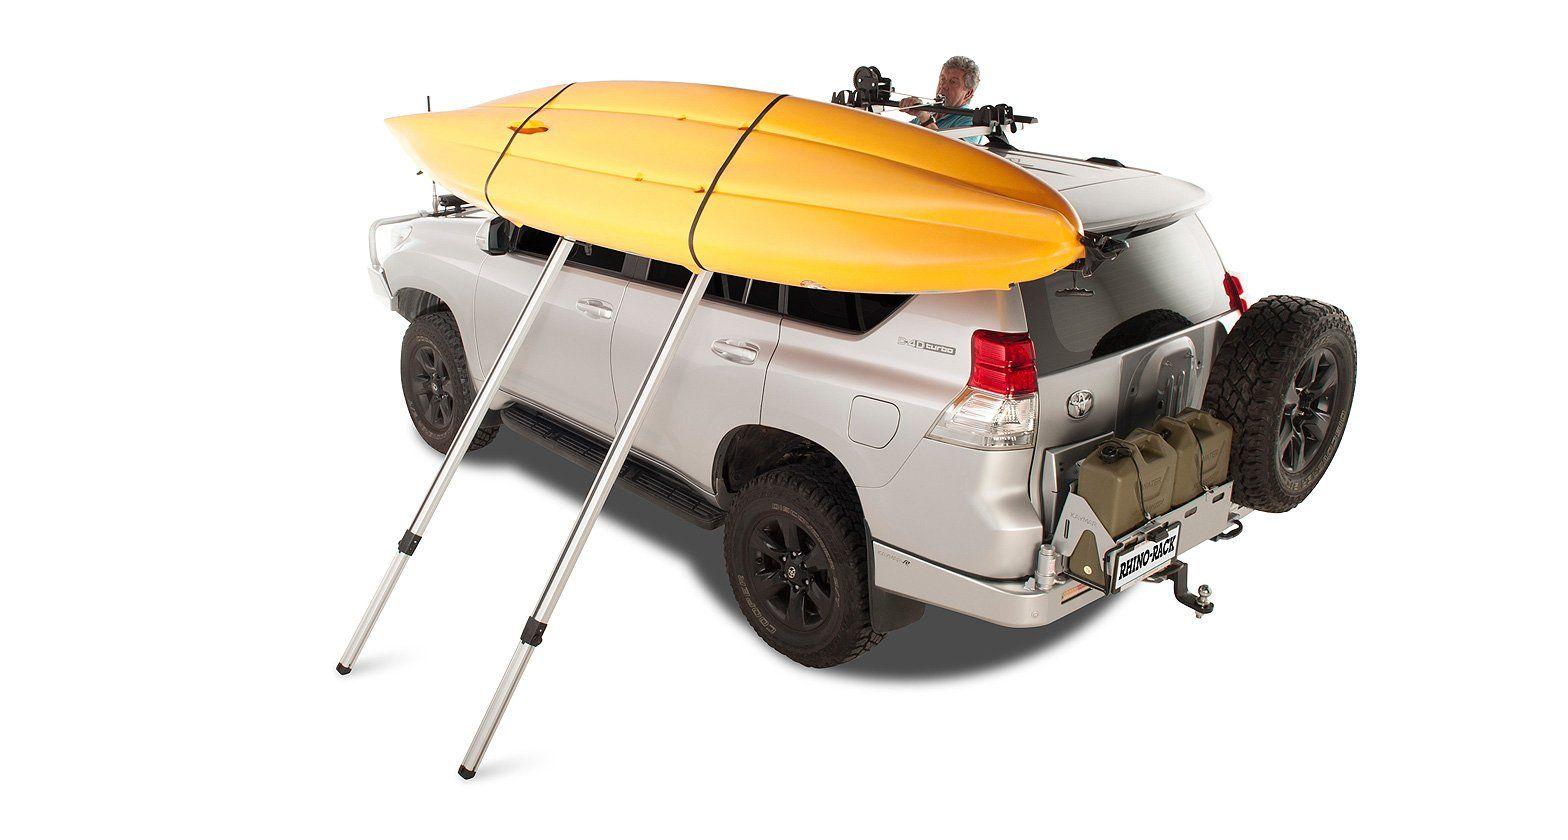 Canoe Car Racks Rhino Rack NKLFK1 HD Bar Nautic Kayak